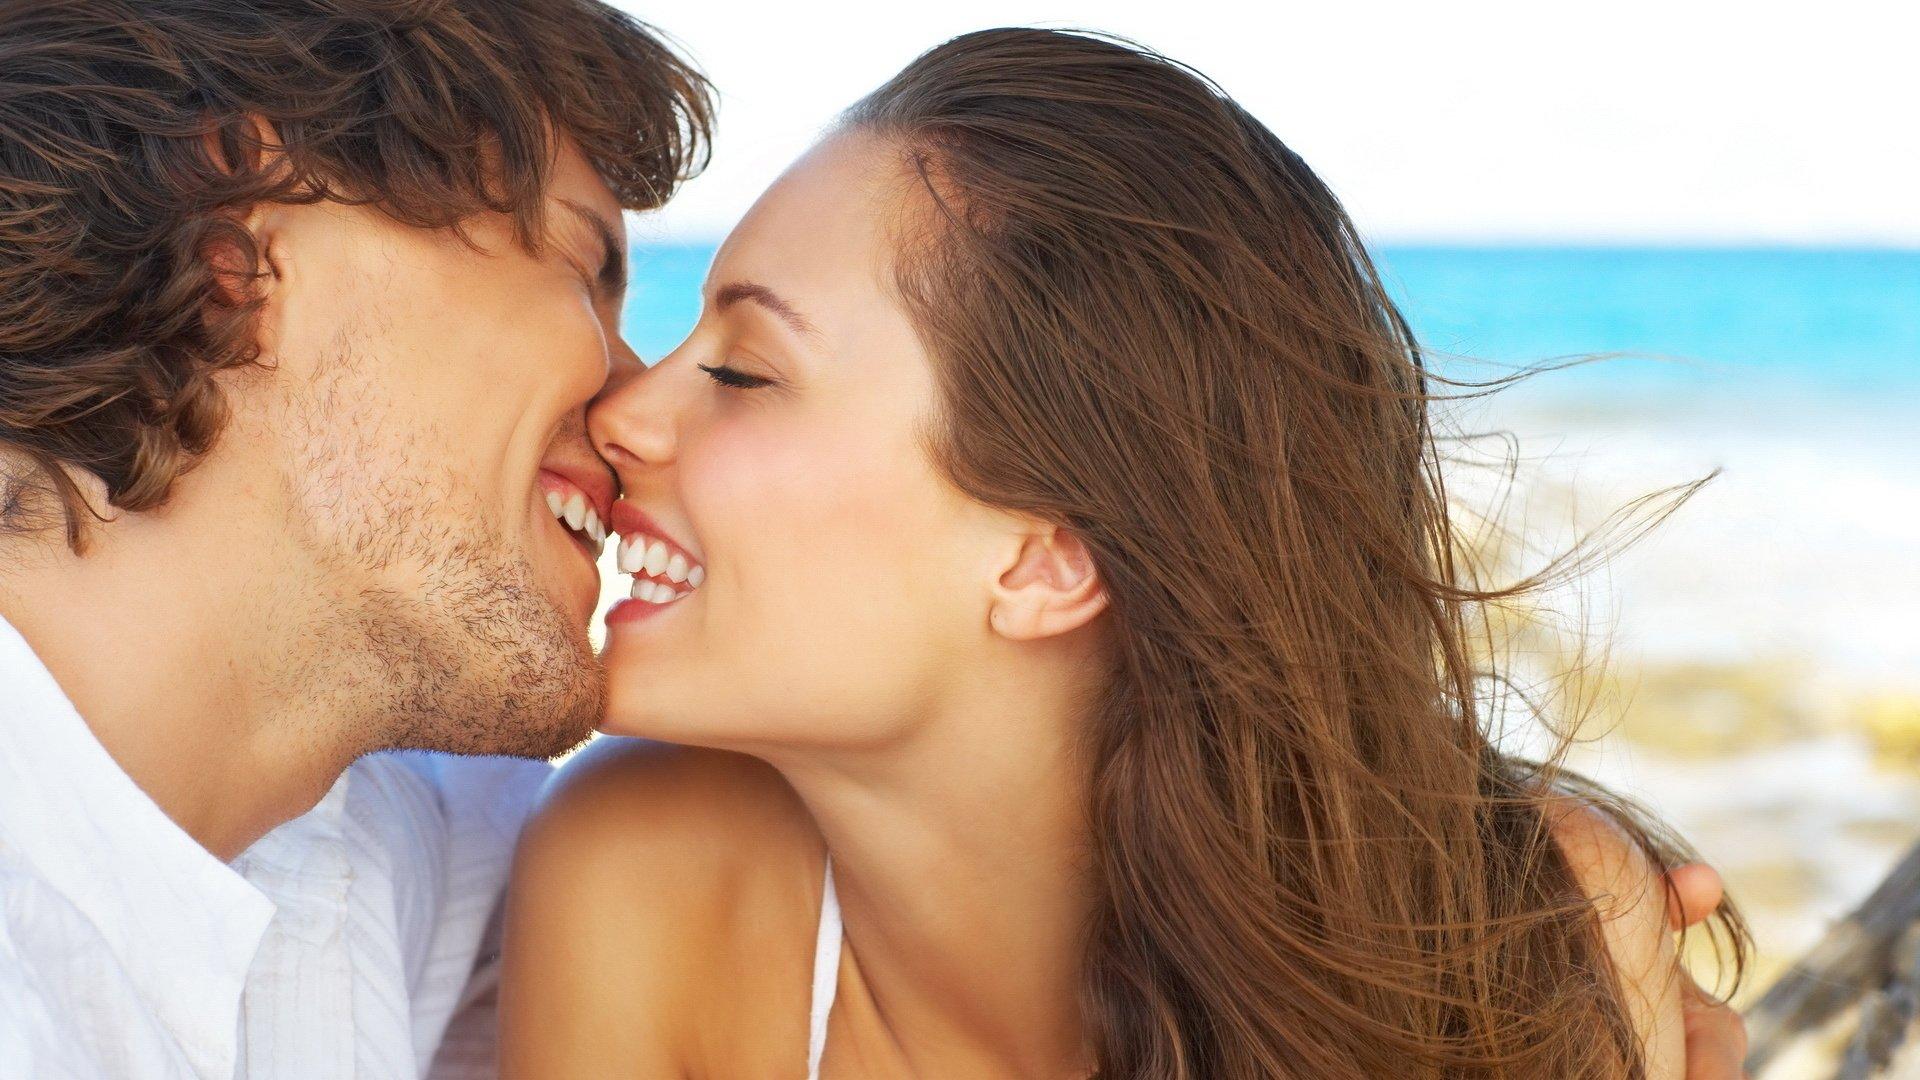 Как сделать приятное любимому парню, что нравиться мужчинам 1